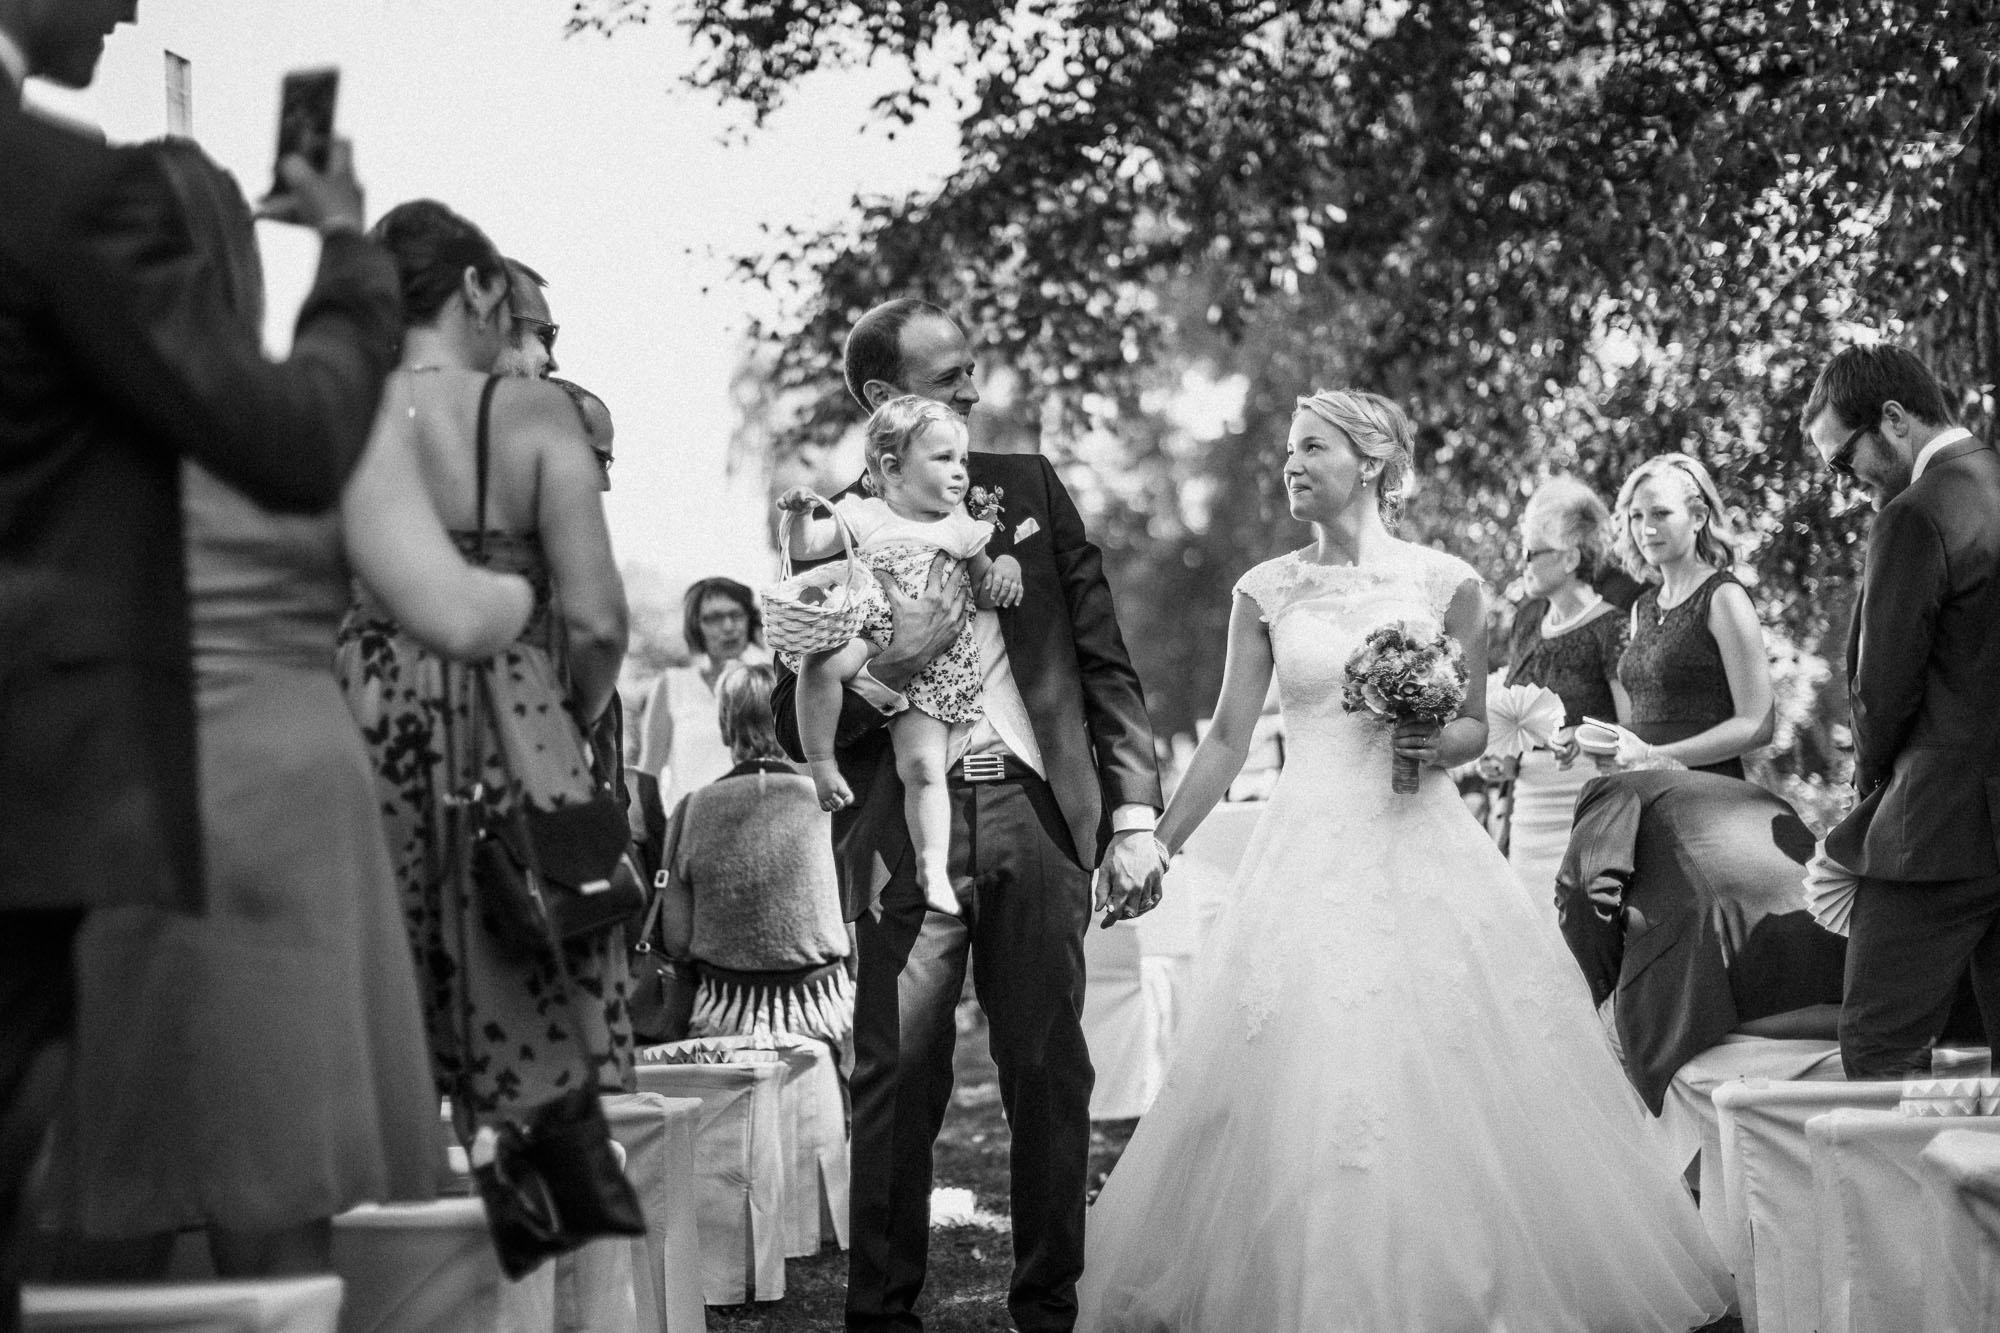 raissa simon photography destination wedding munich bayern schloss hohenkammer 028 - Andi + Joni